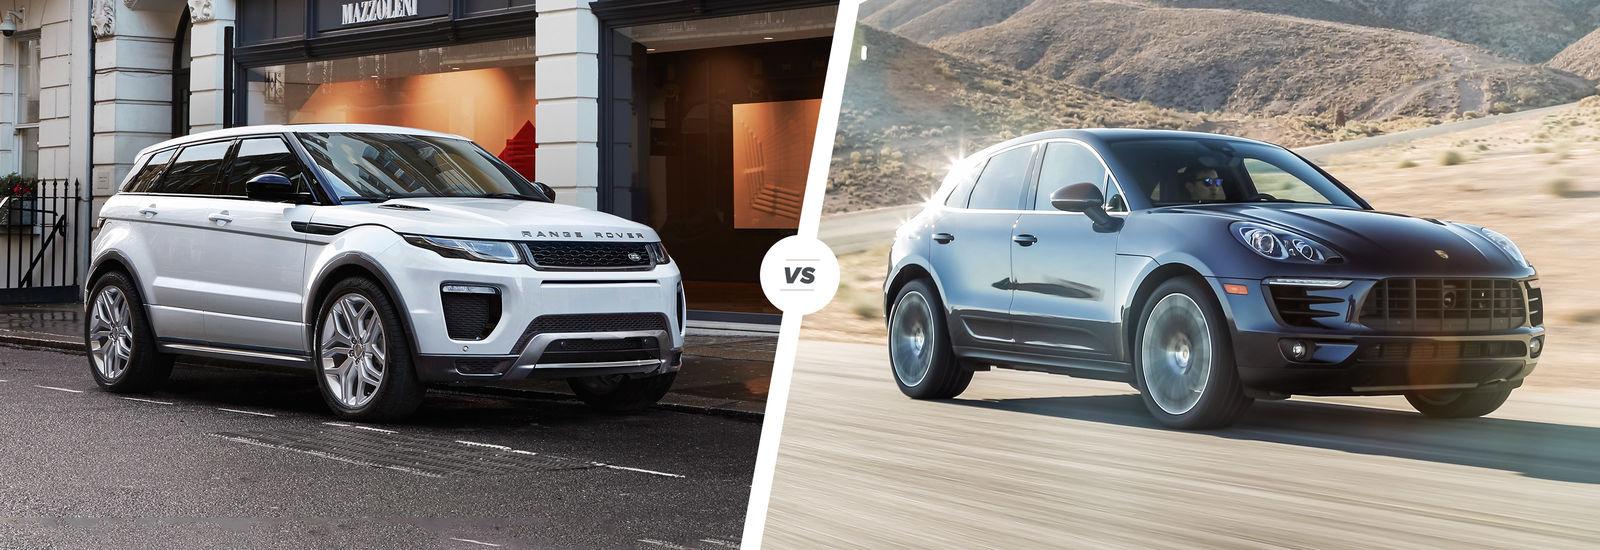 Range Rover Configurator >> Range Rover Evoque vs Porsche Macan: SUV smash | carwow